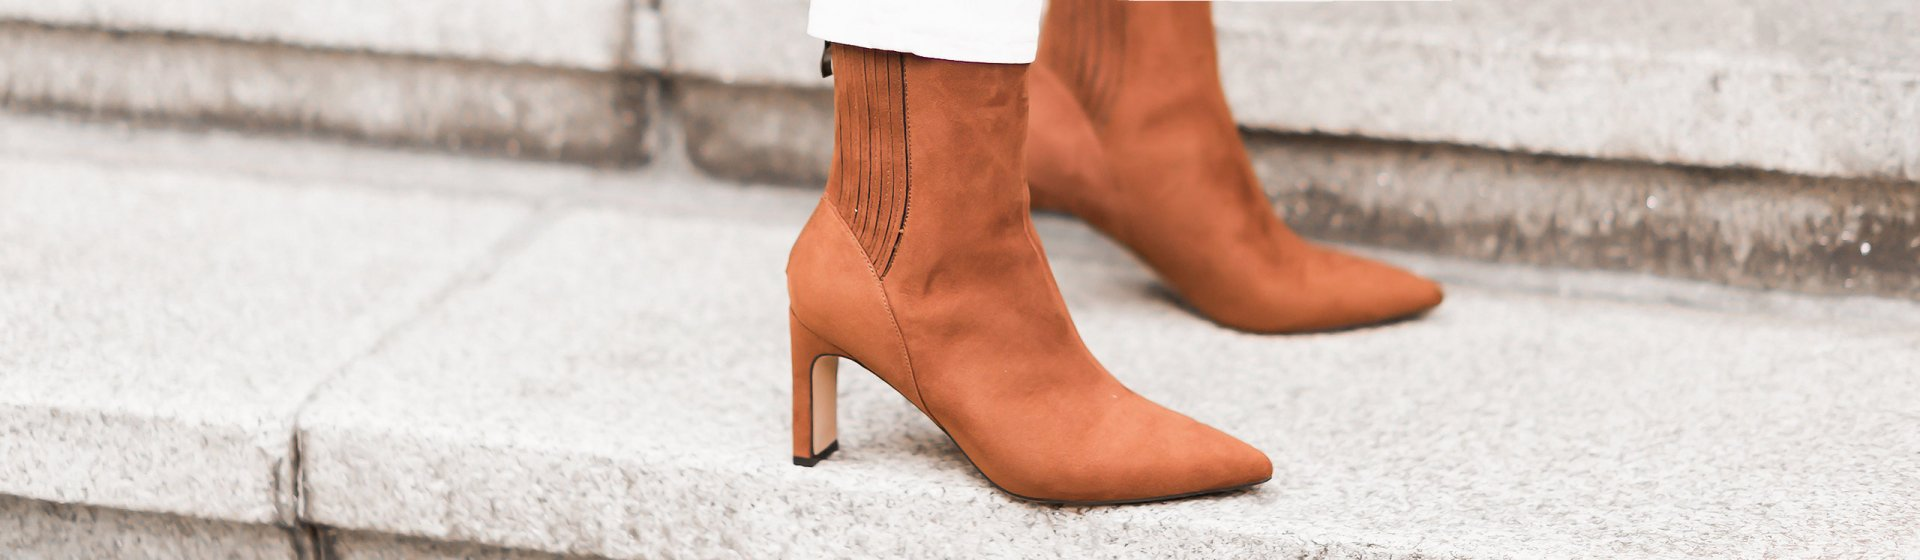 Stiefeletten für den Herbst finden, Shopping-Tipps für den Schuhkauf, Schuhtrends 2020, Shoelove by Deichmann